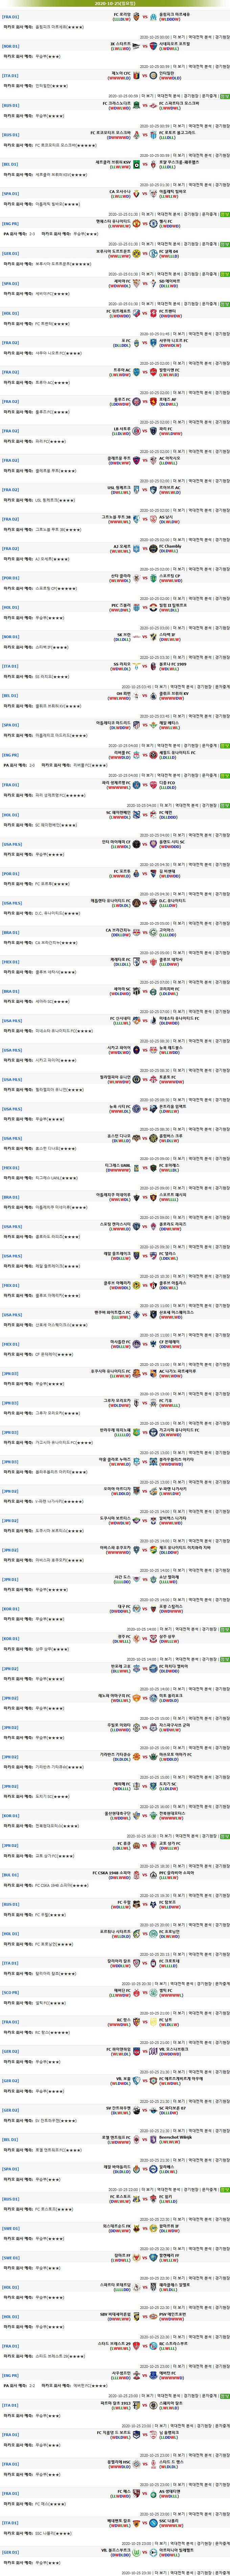 [해외축구분석픽] 10월 25일 마카오예측 경기분석픽 해외축구중계 무료중계